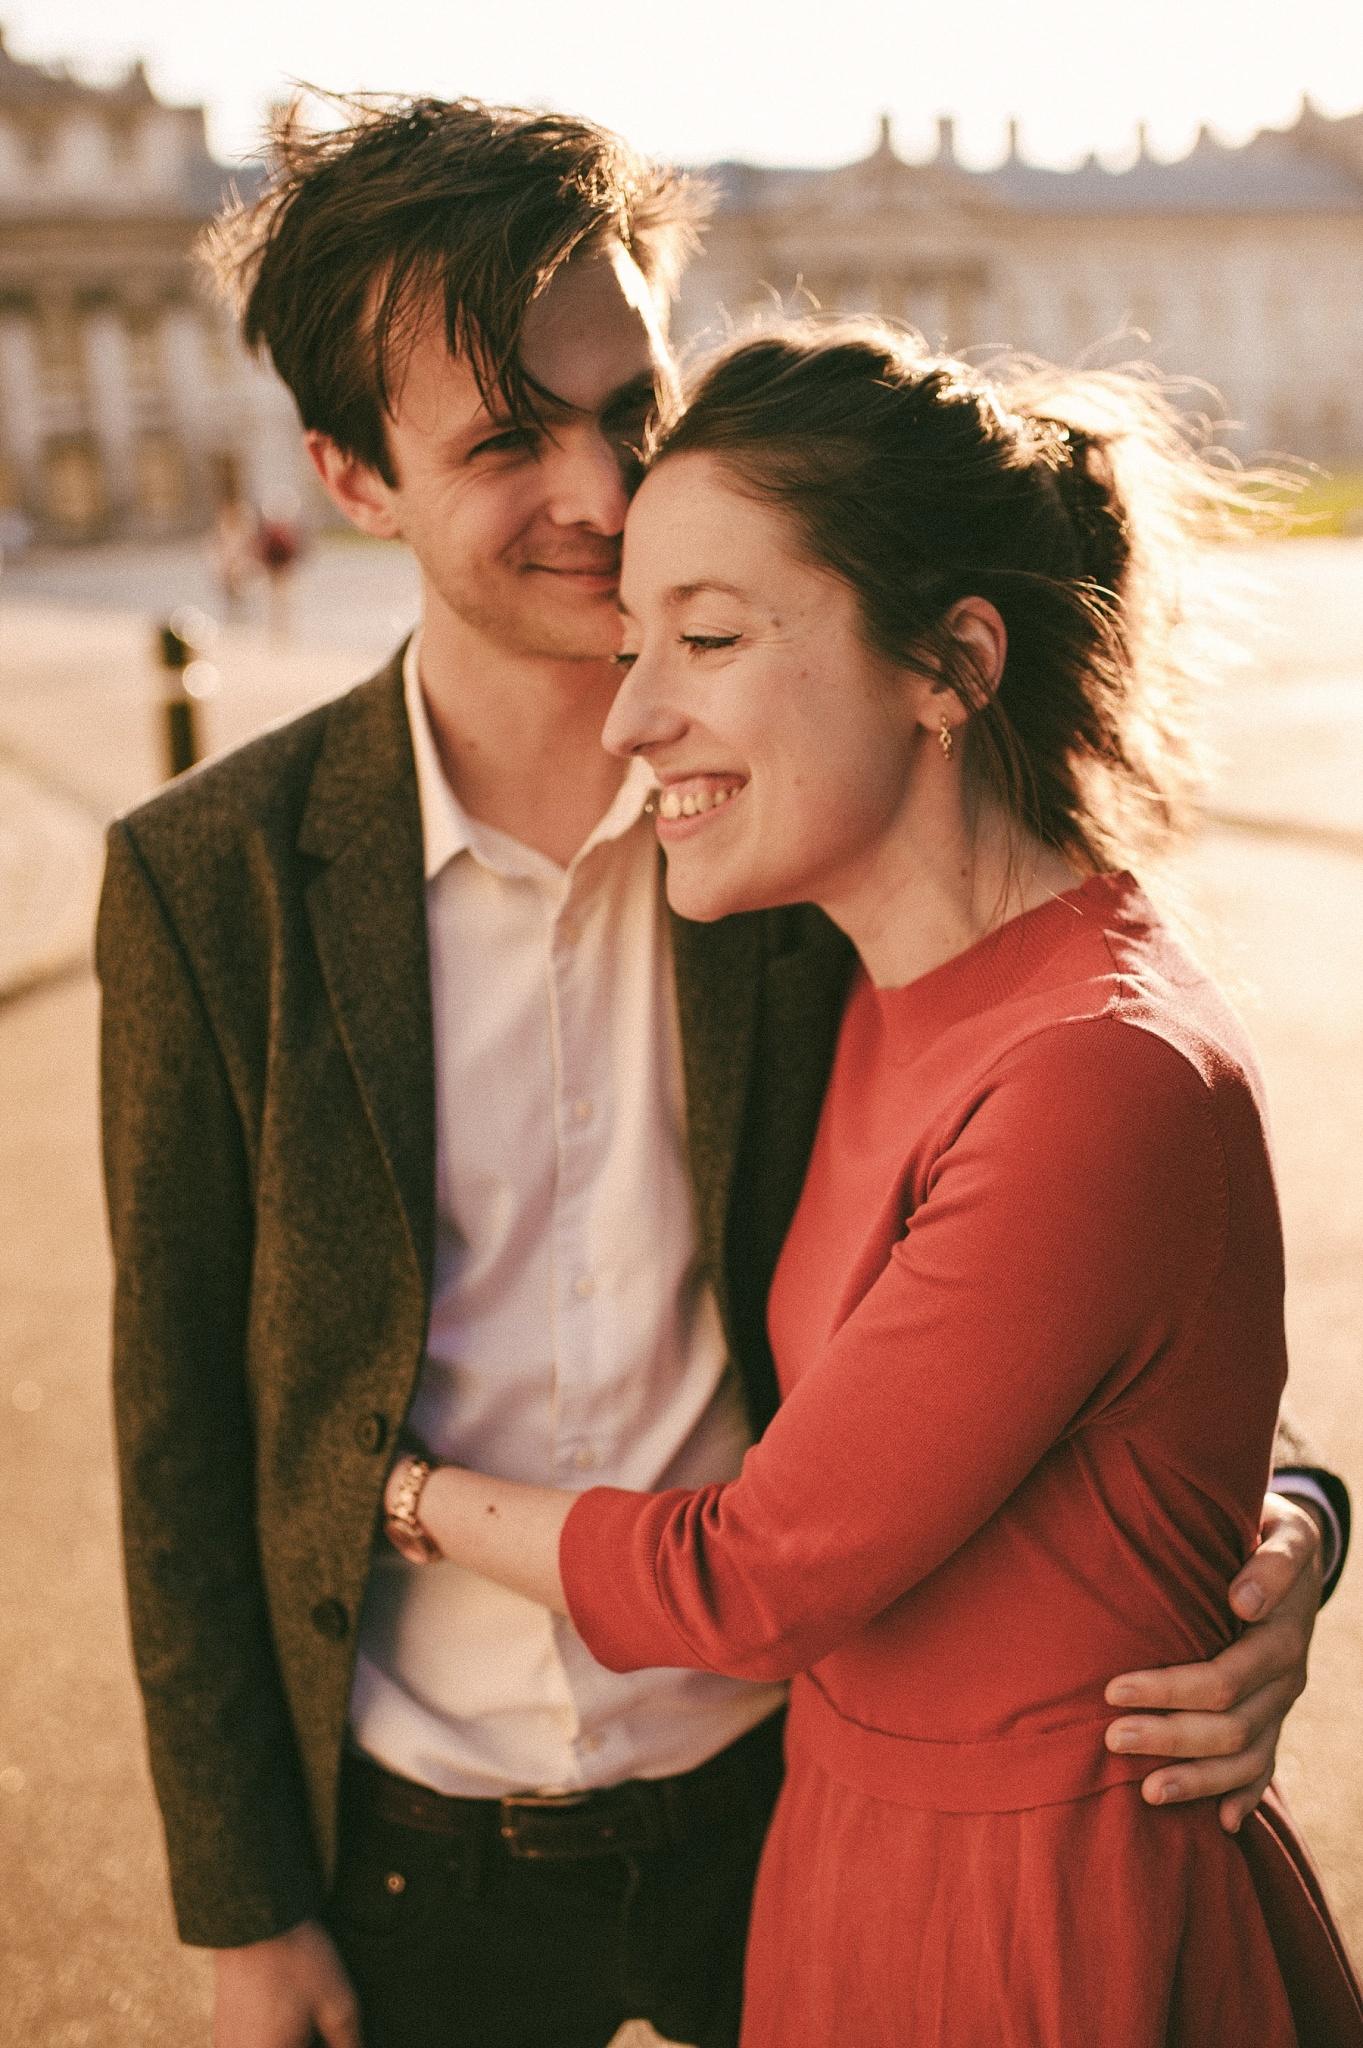 Greenwich wedding